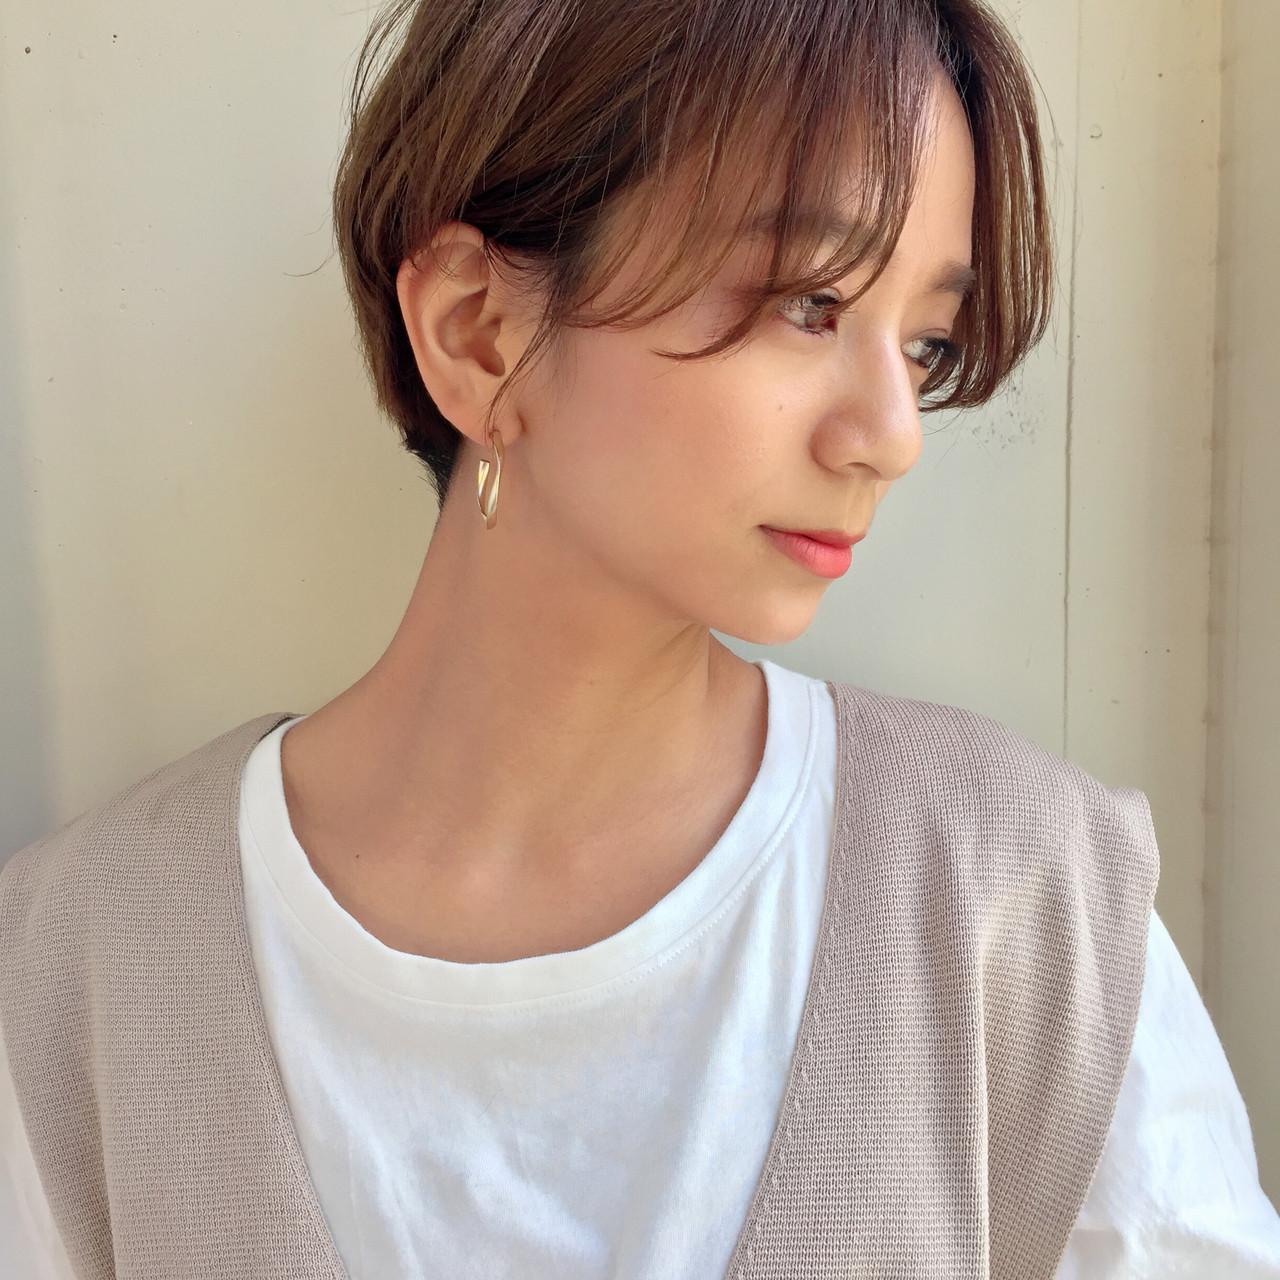 ハンサムショート 大人ショート ショート ショートボブ ヘアスタイルや髪型の写真・画像 | GARDEN《ショート/ベージュ》雲林院 優 / lora.garden